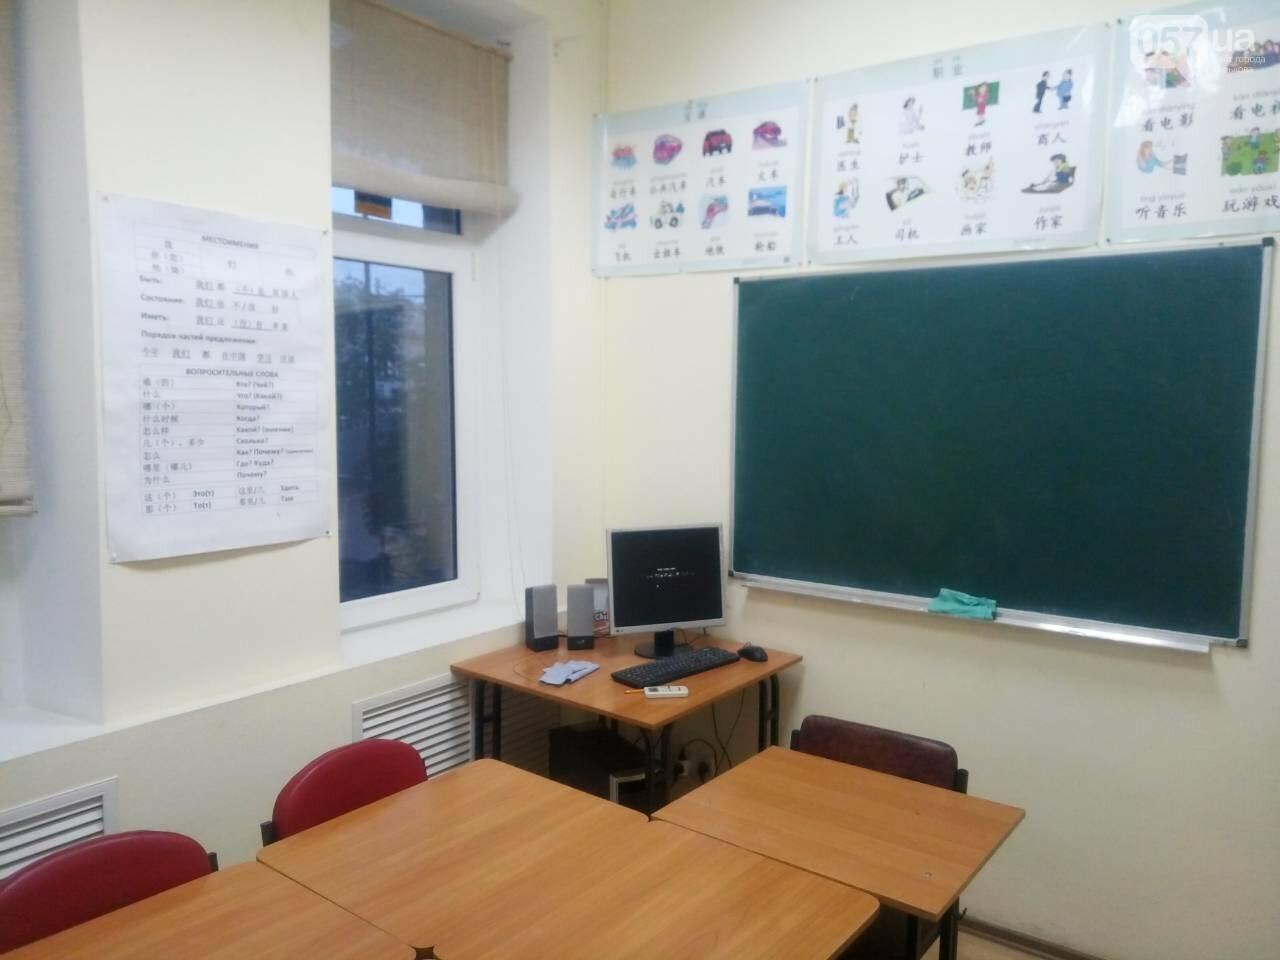 Курсы английского в Харькове ᐈ куда пойти учить английский?, фото-88